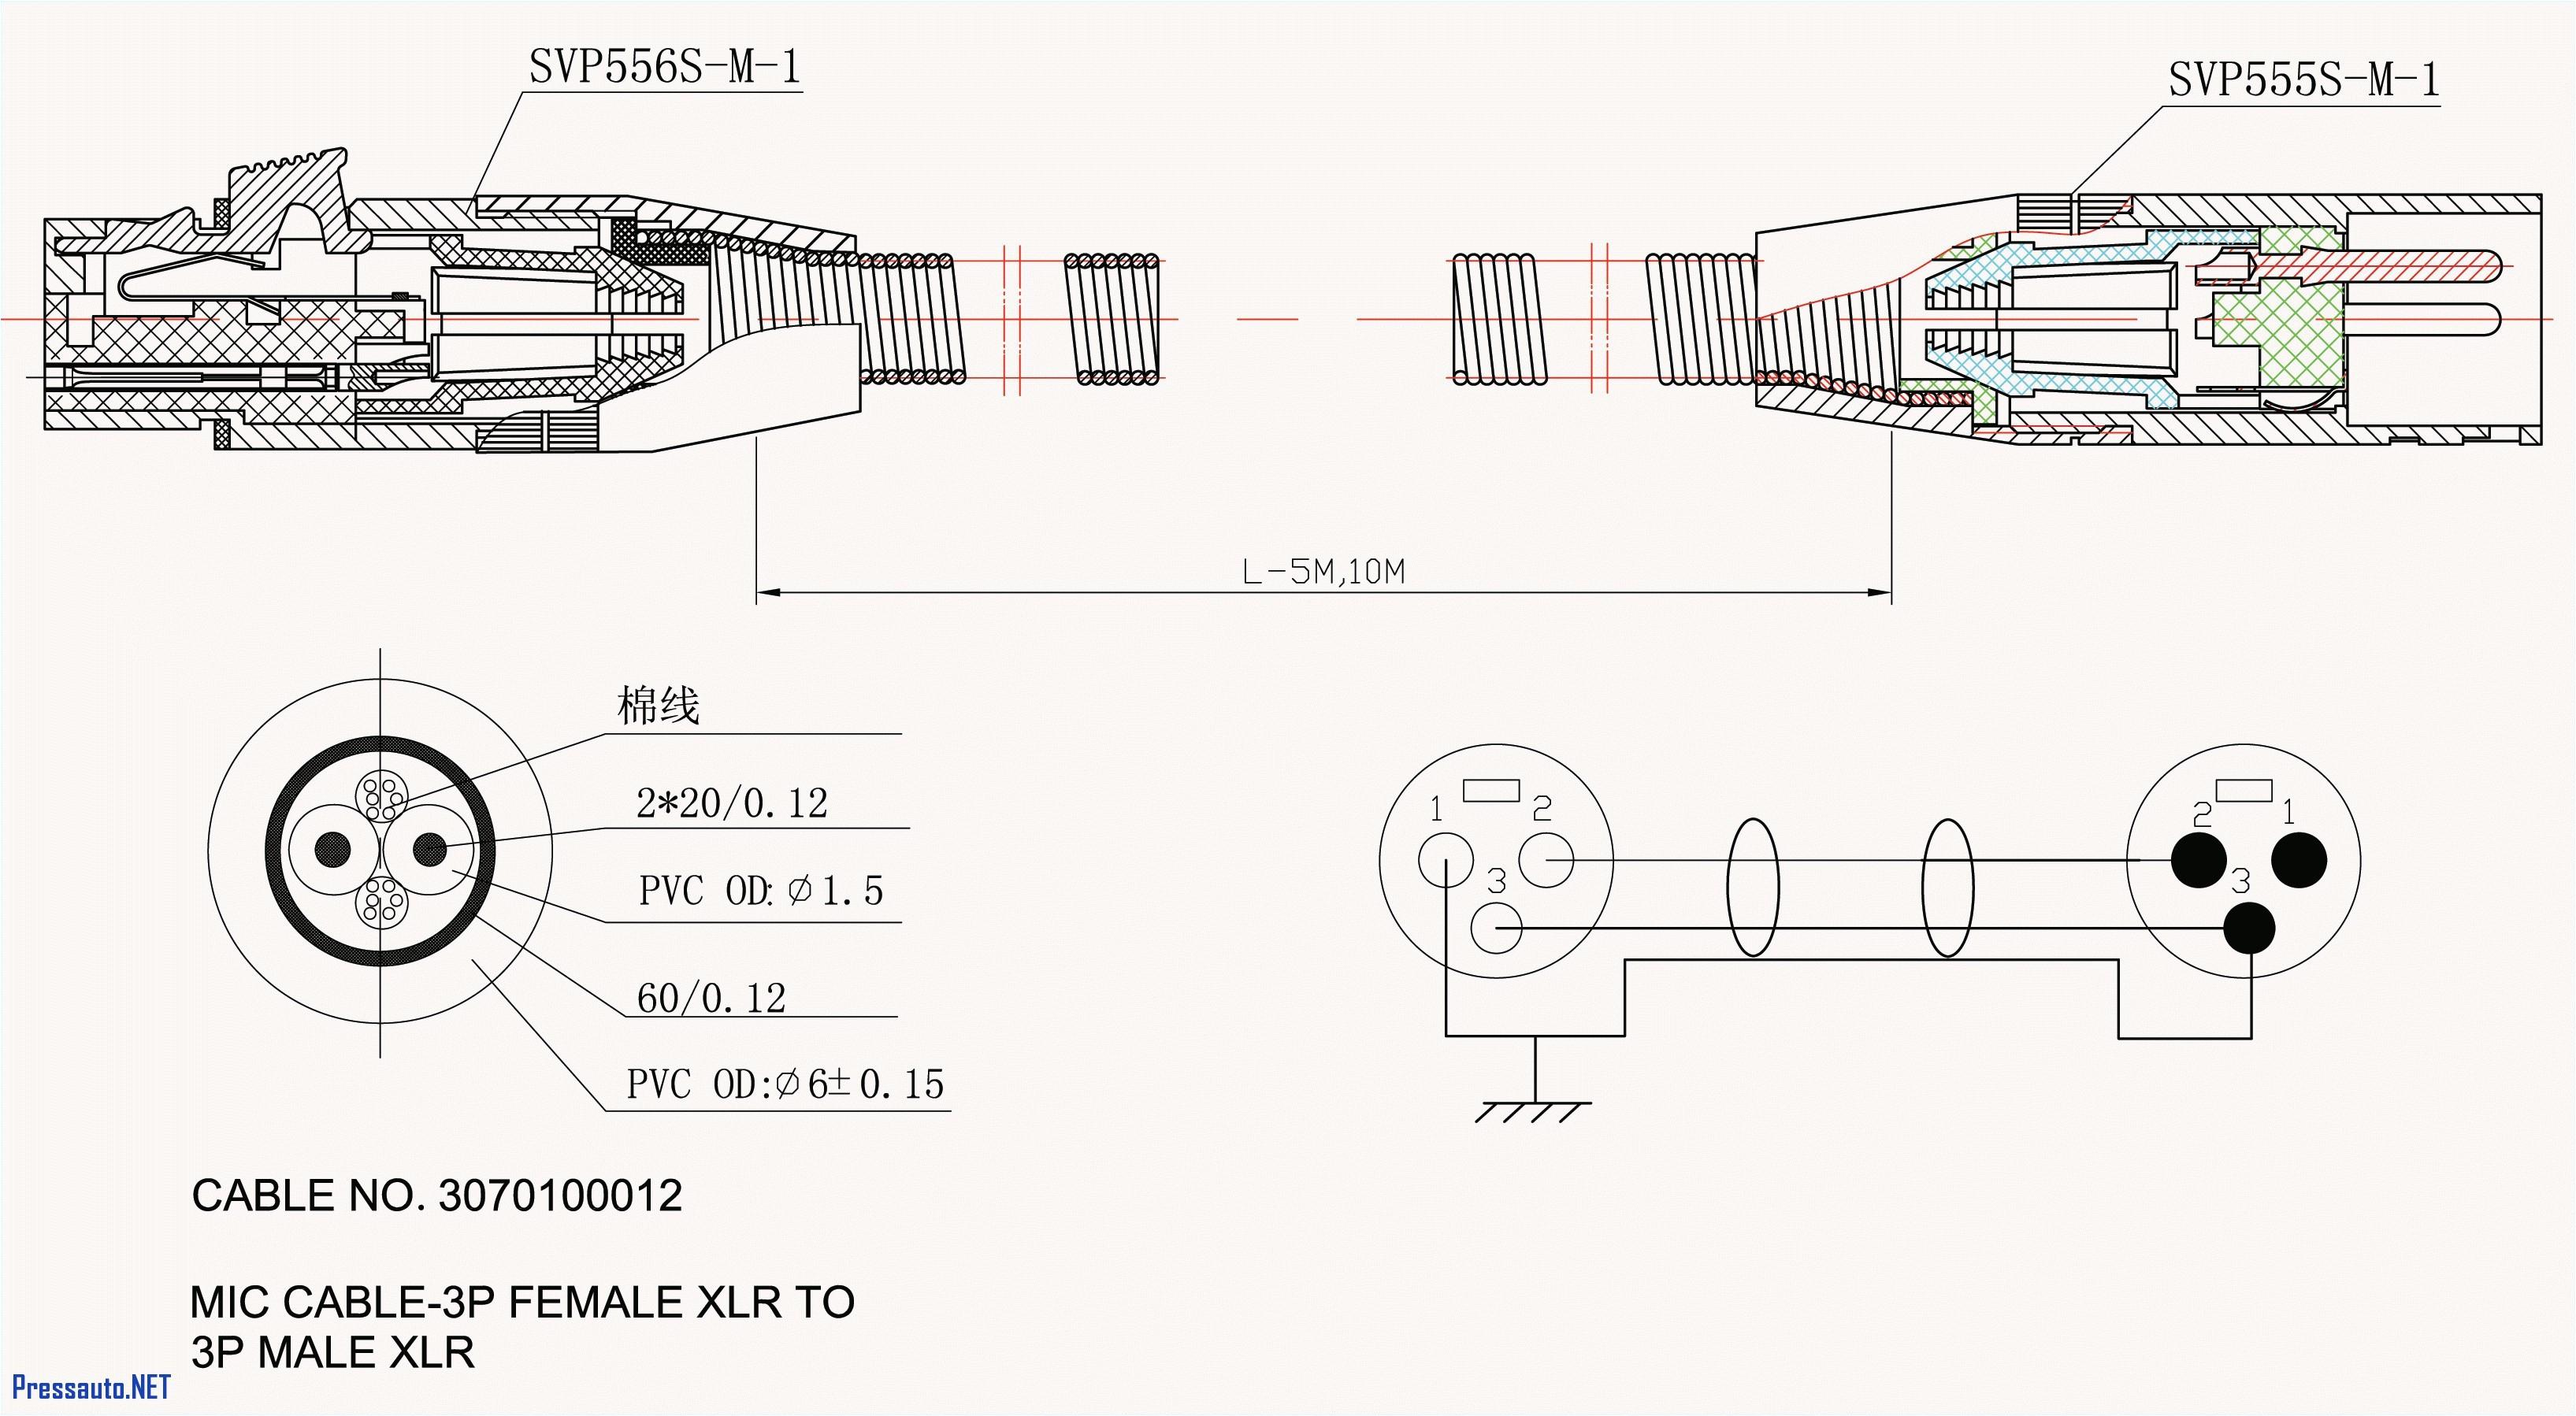 millermatic 200 wiring diagram inspirational miller wire feeder welder wiring diagrams basic wiring diagram